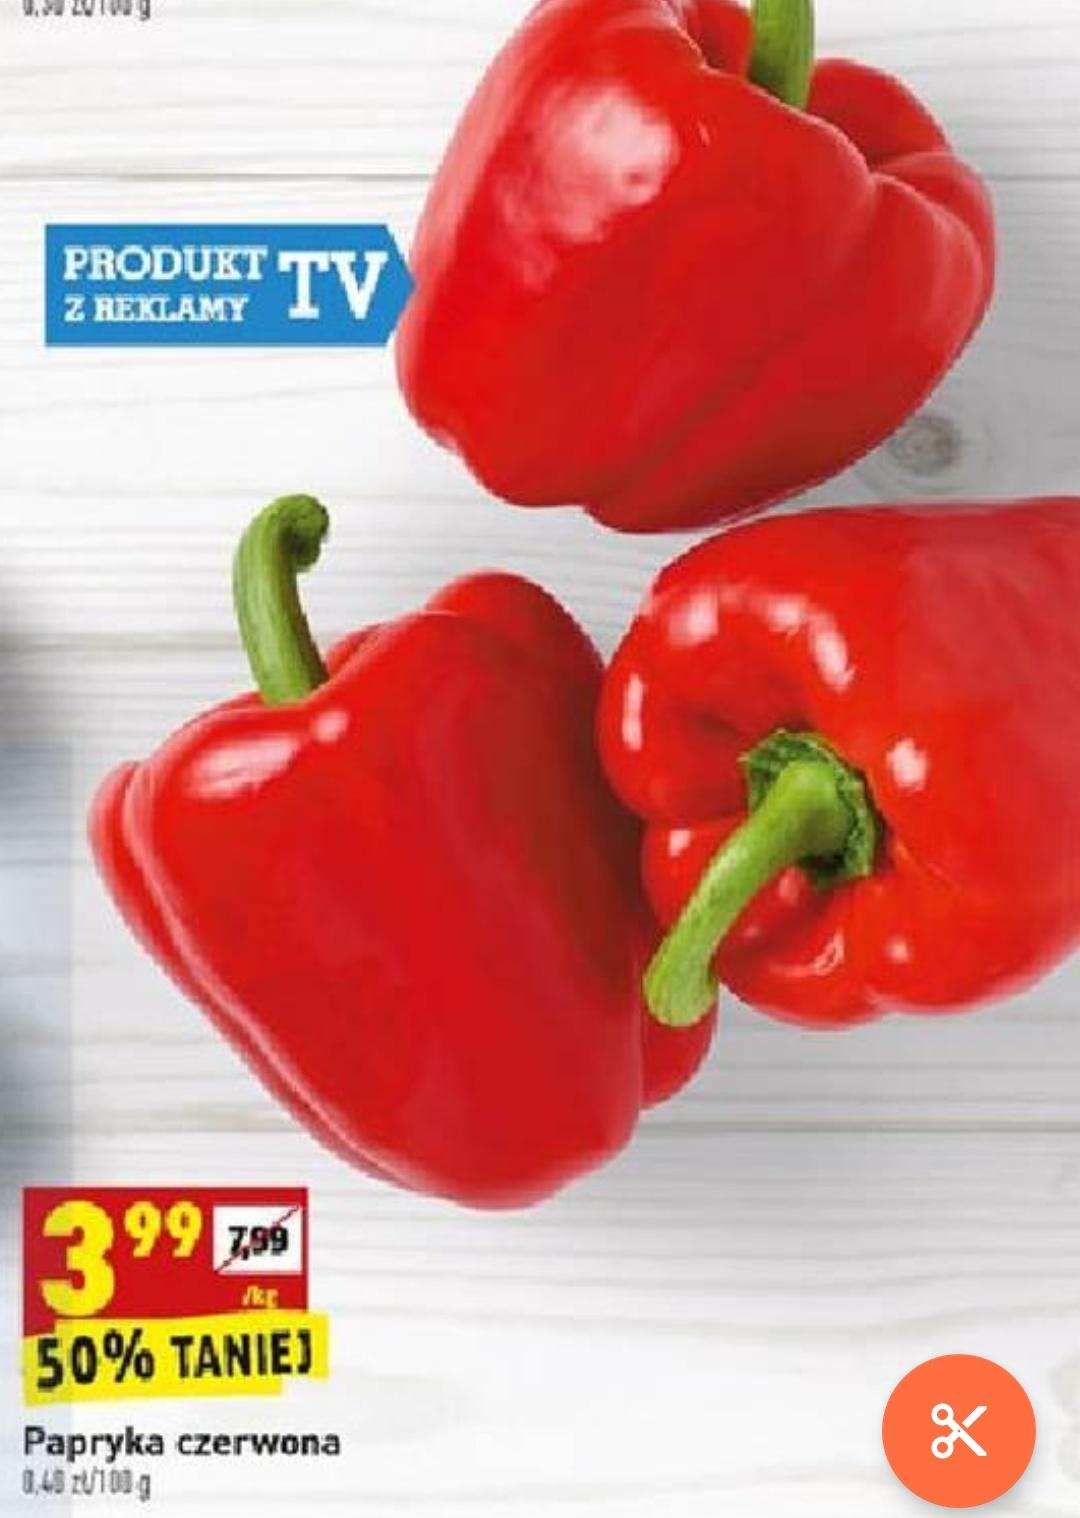 Papryka czerwona w super cenie tylko w dn. 16 -17.08. Biedronka